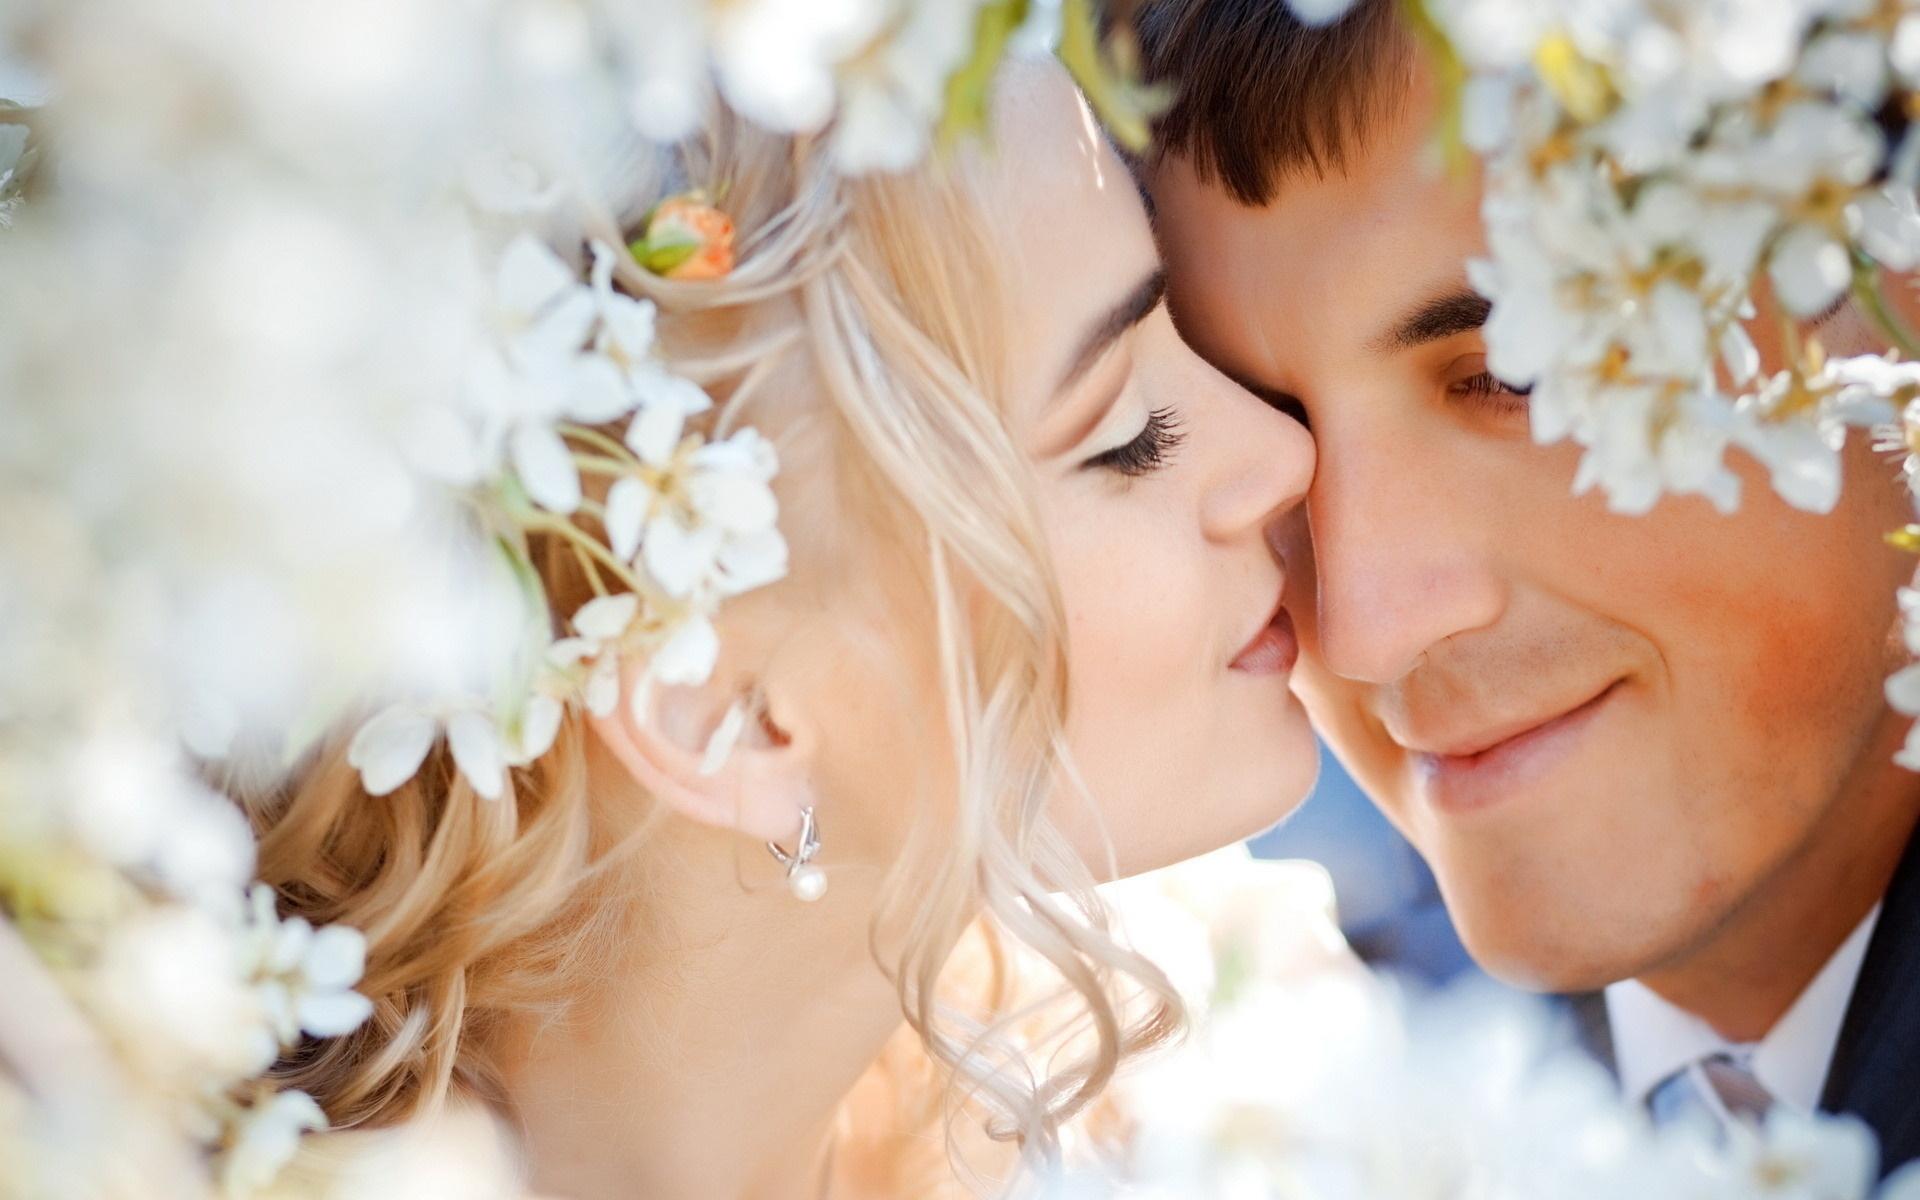 Обои венок, жених, Облака, влюбленные, невеста. Разное foto 18